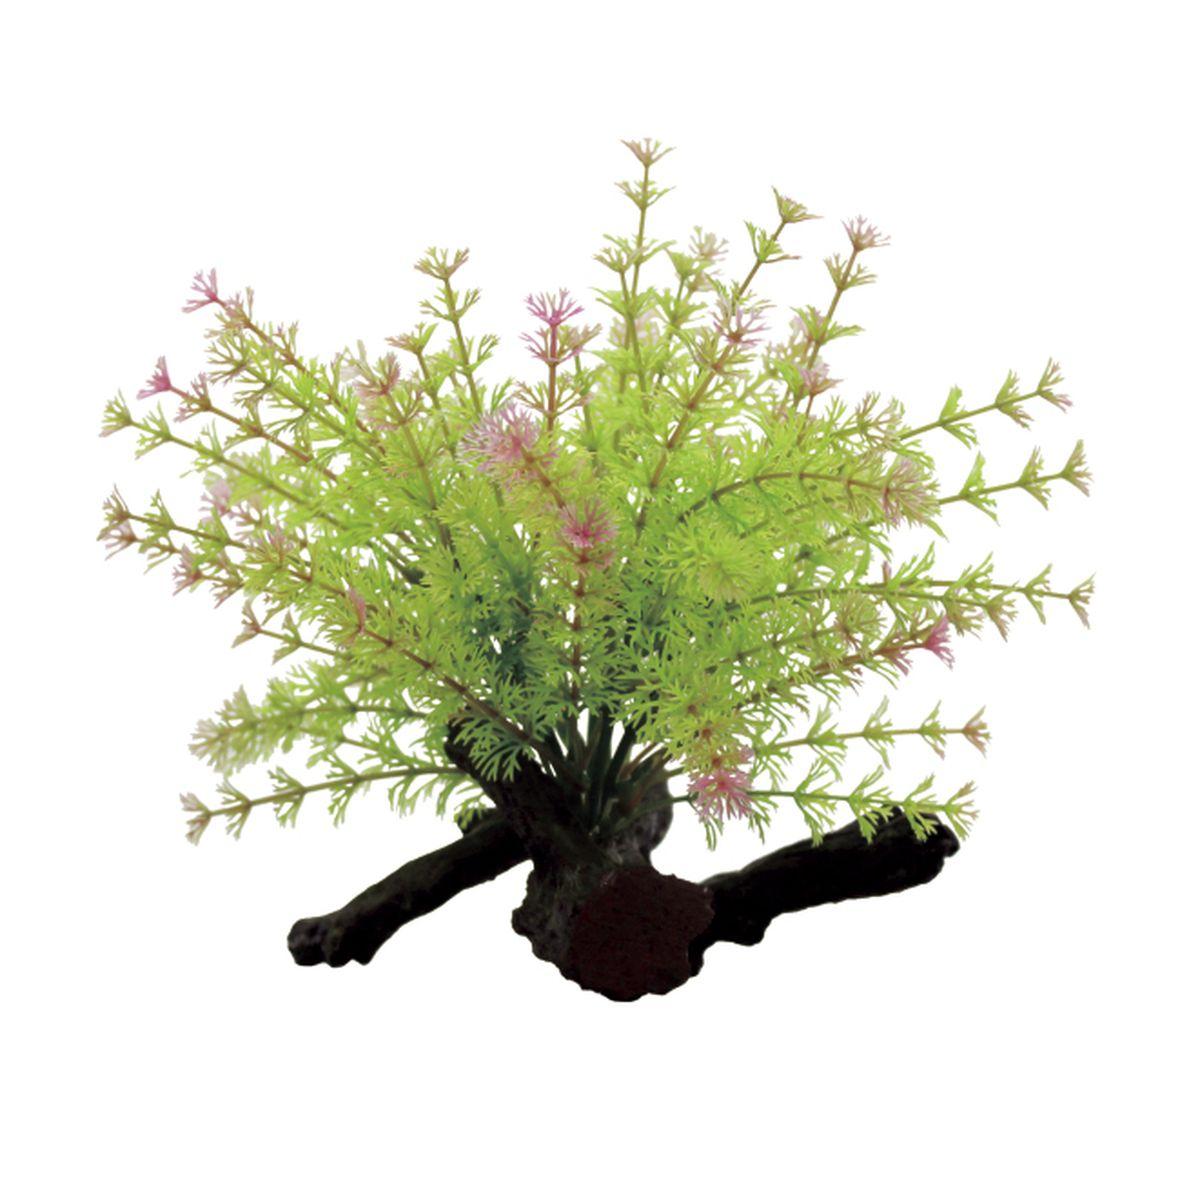 Композиция из растений для аквариума ArtUniq Лимнофила на коряге, 17 x 13 x 17 см декорация для аквариума artuniq пористый камень 20 5 x 10 5 x 18 8 см